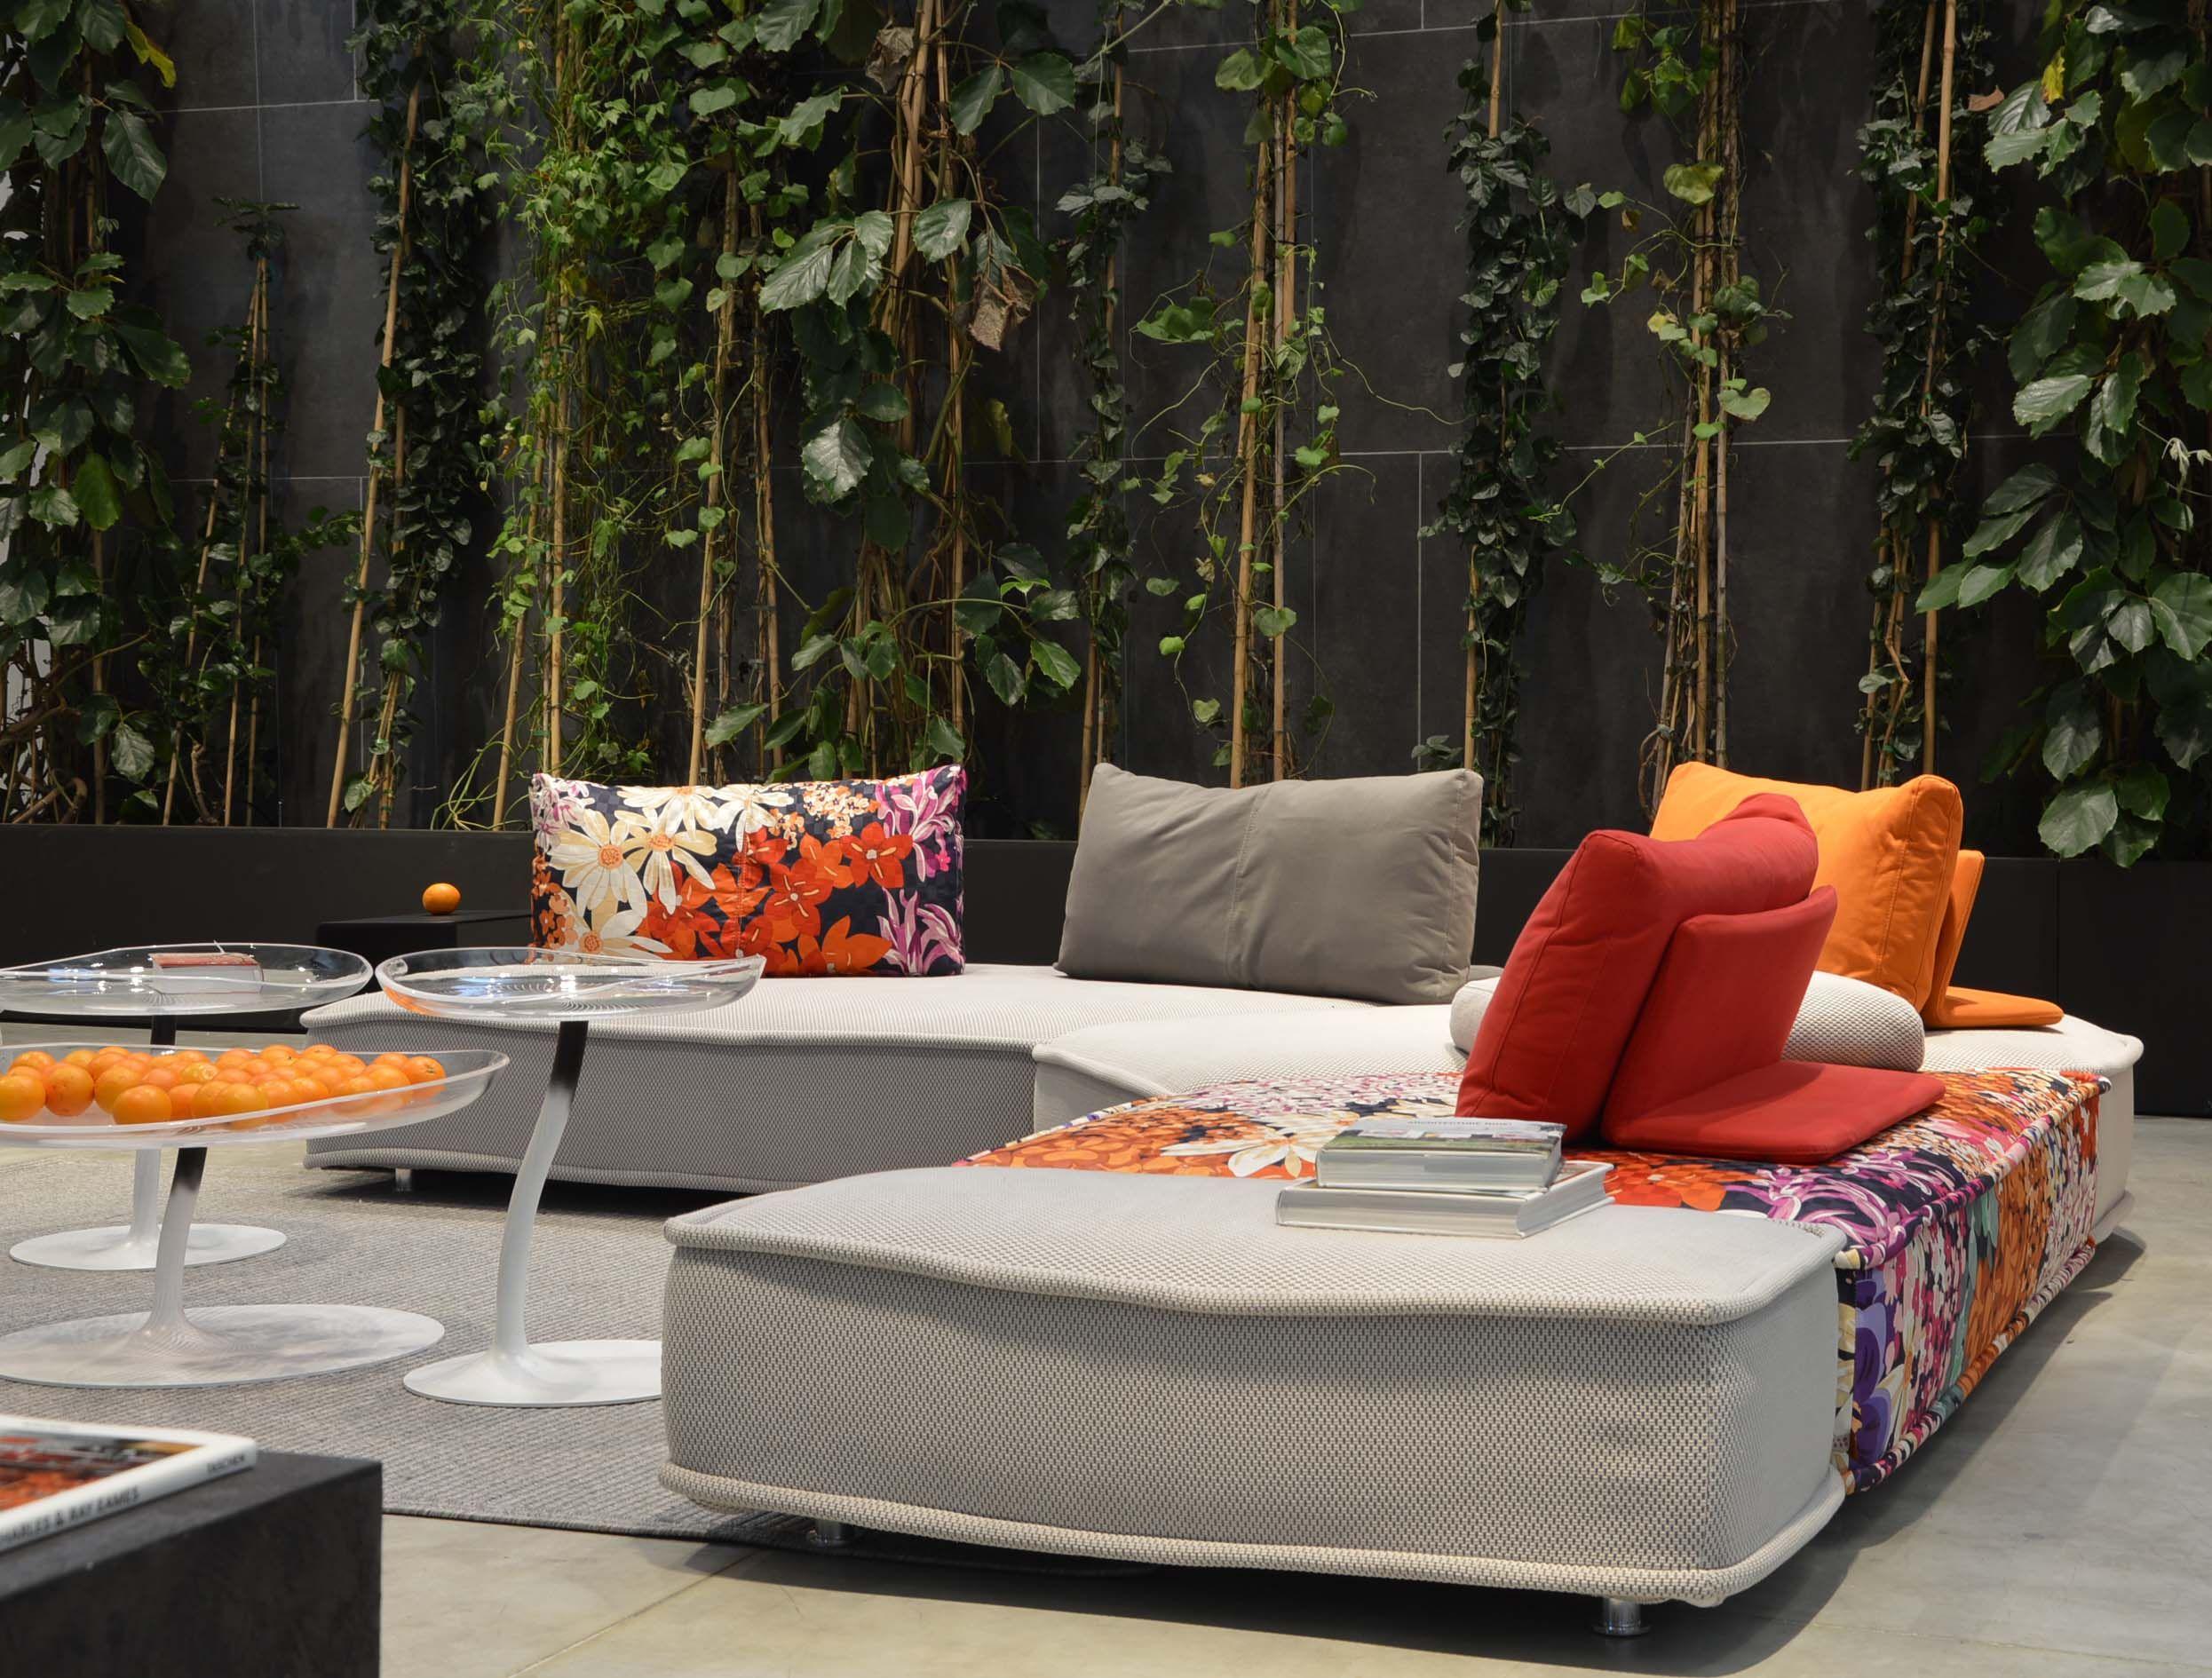 roche bobois | escapade sofa designedzeno nugari and mucidule